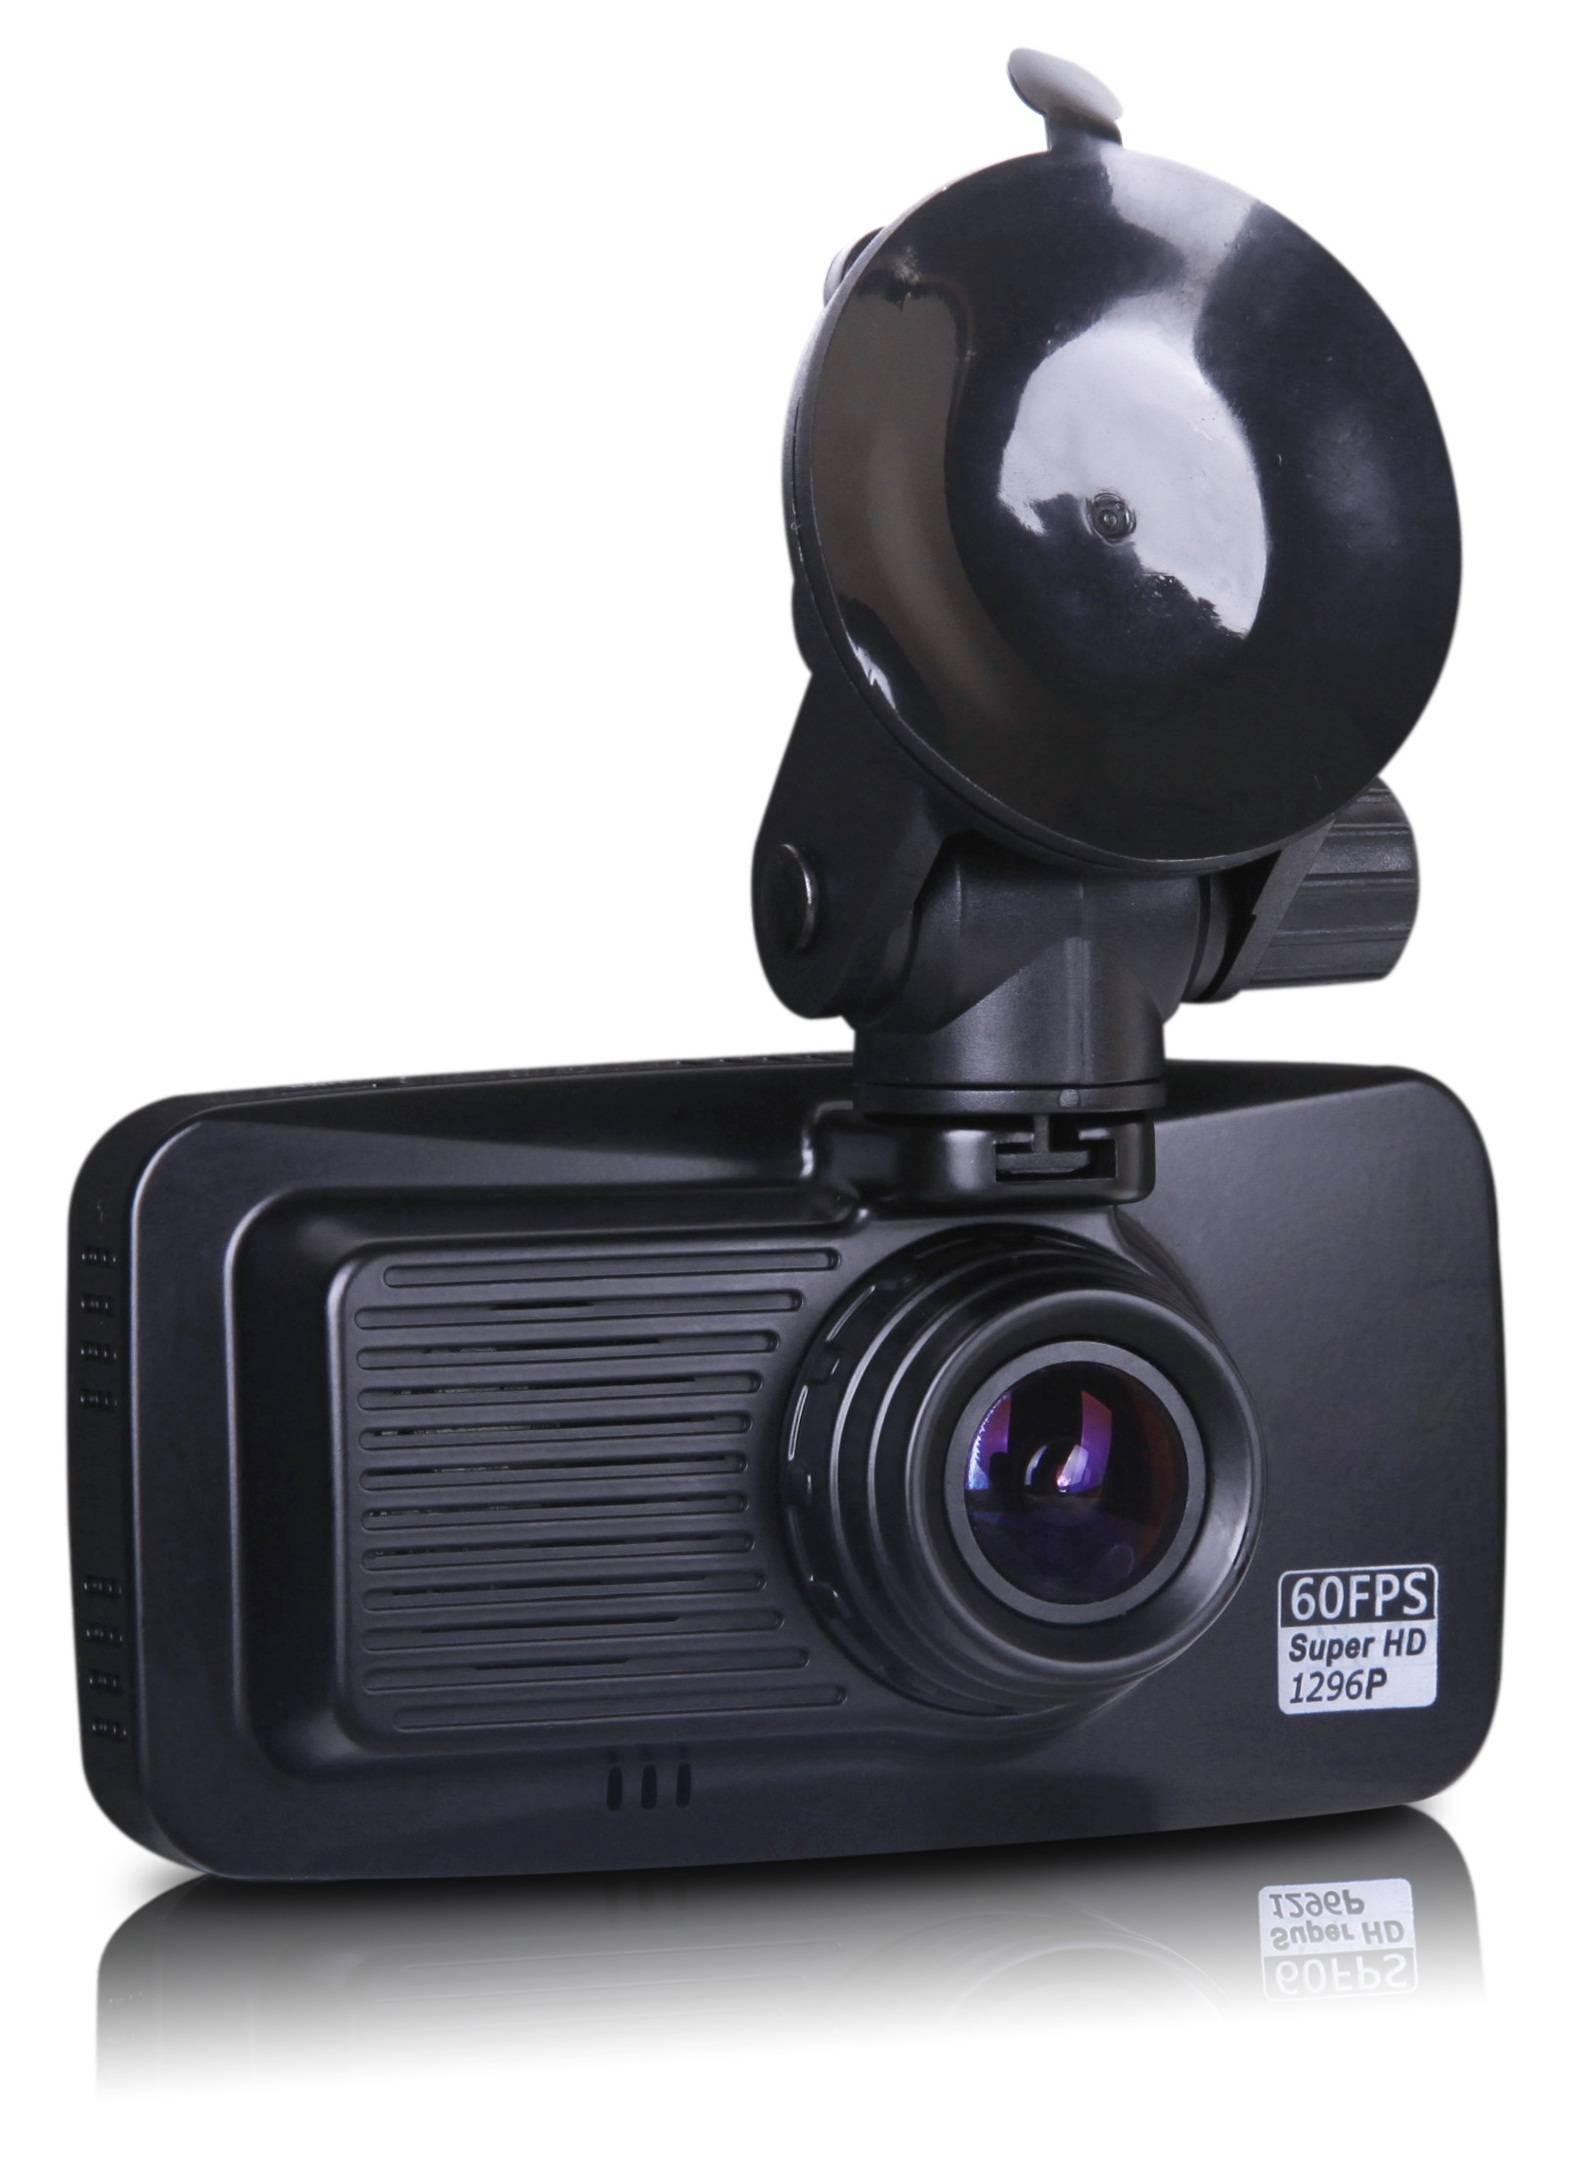 2.7inch LCD display ambarella a7 gps car dvr full hd 1296P car video recorder with A7LA70D+AR0330 LD